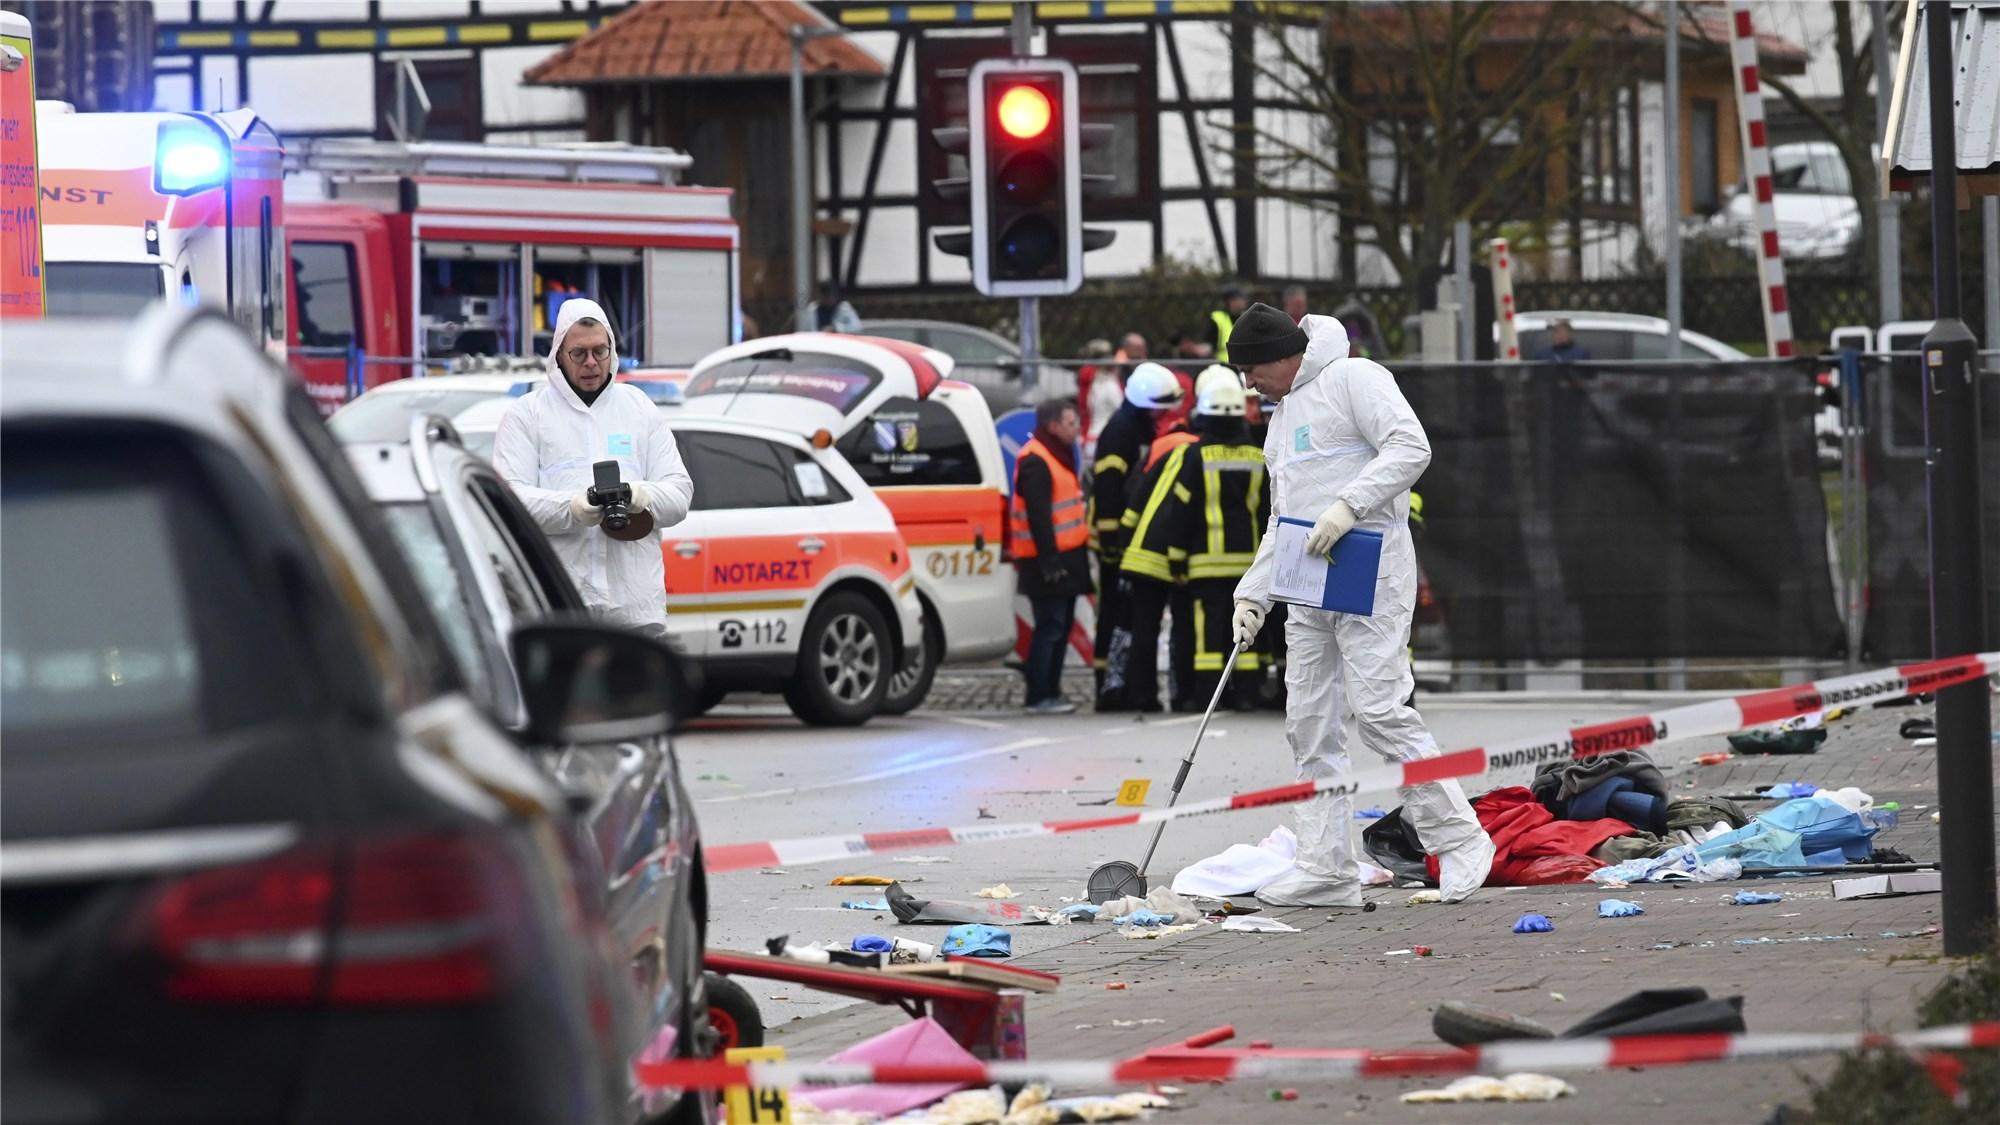 German police seek motive in car ramming